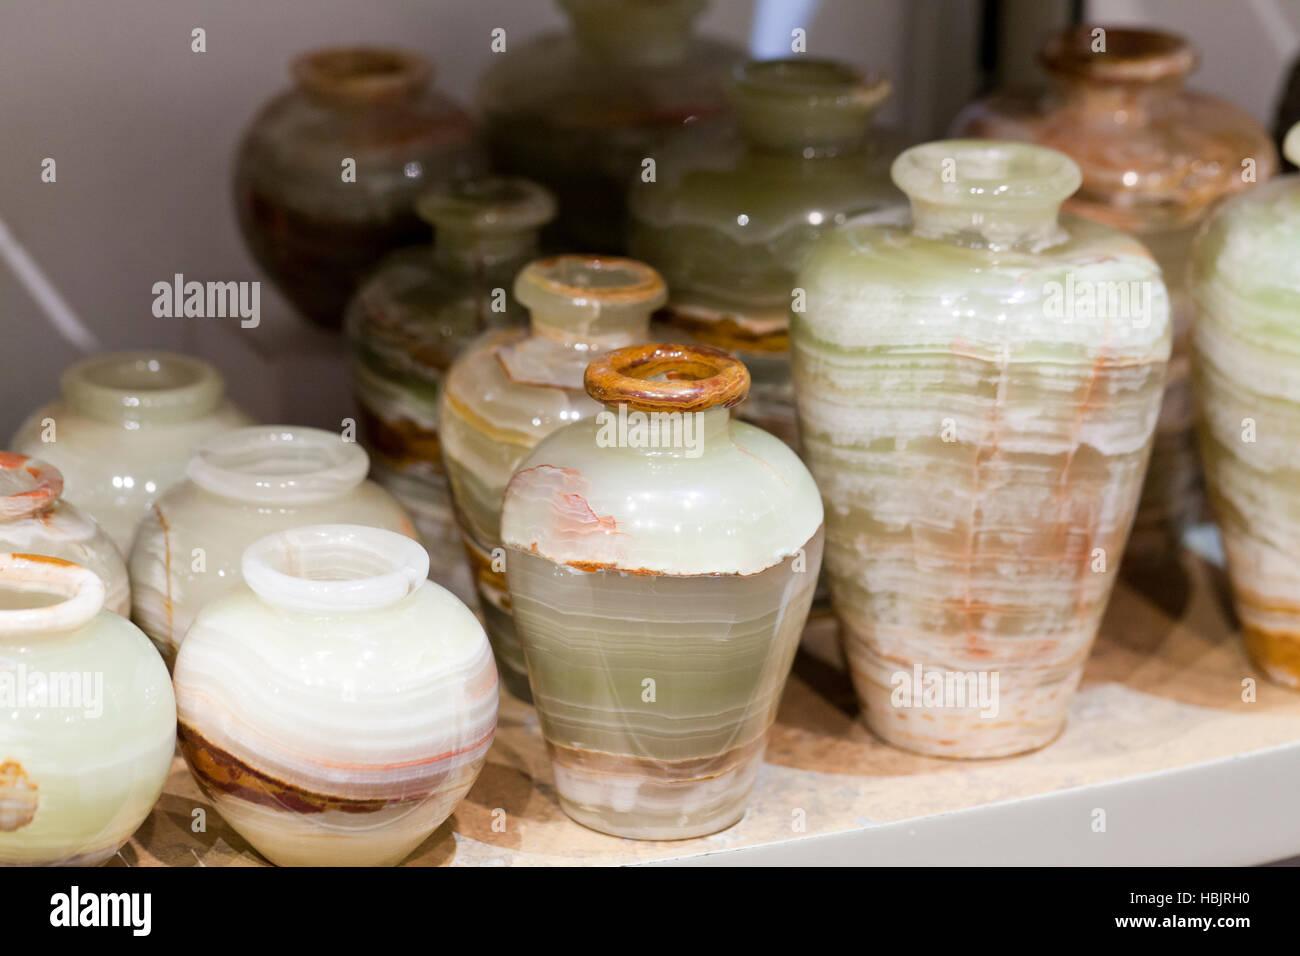 Onyx stone vases - USA - Stock Image